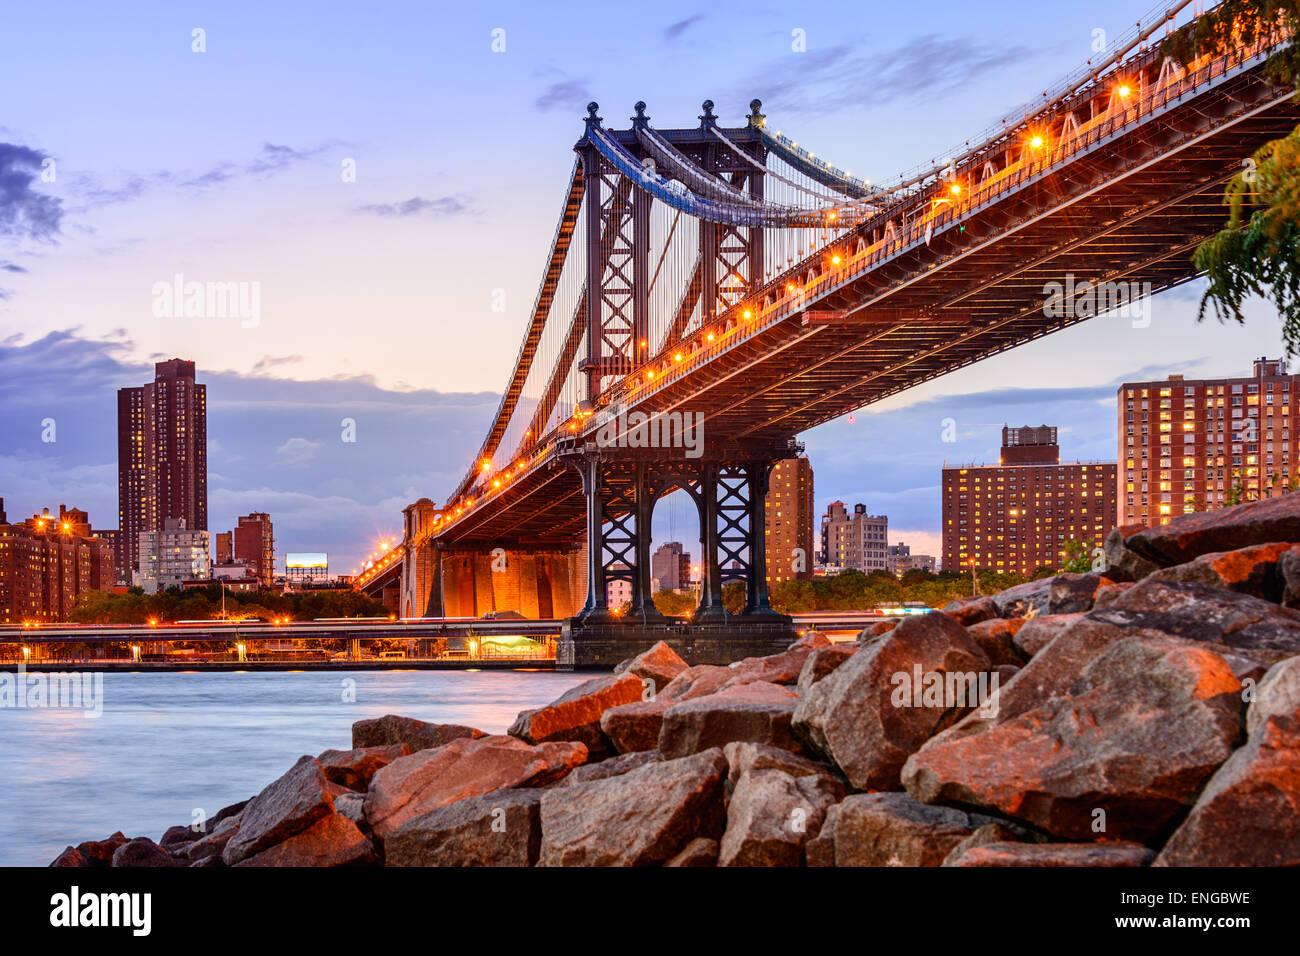 La ville de New York, USA à la Manhattan Pont enjambant l'East River. Banque D'Images